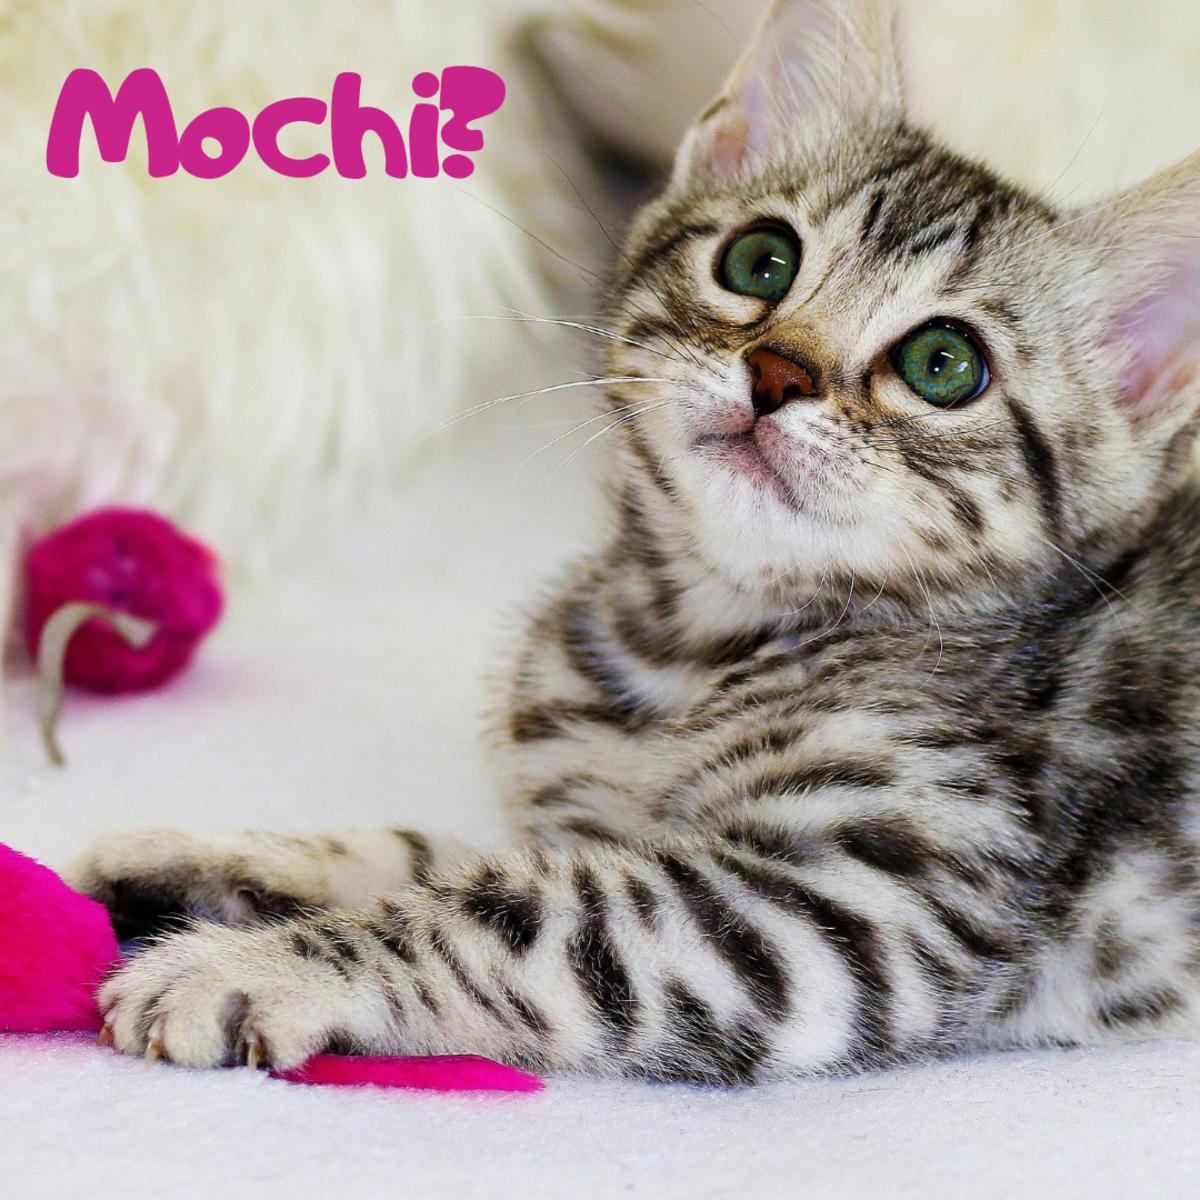 Is she a Mochi?